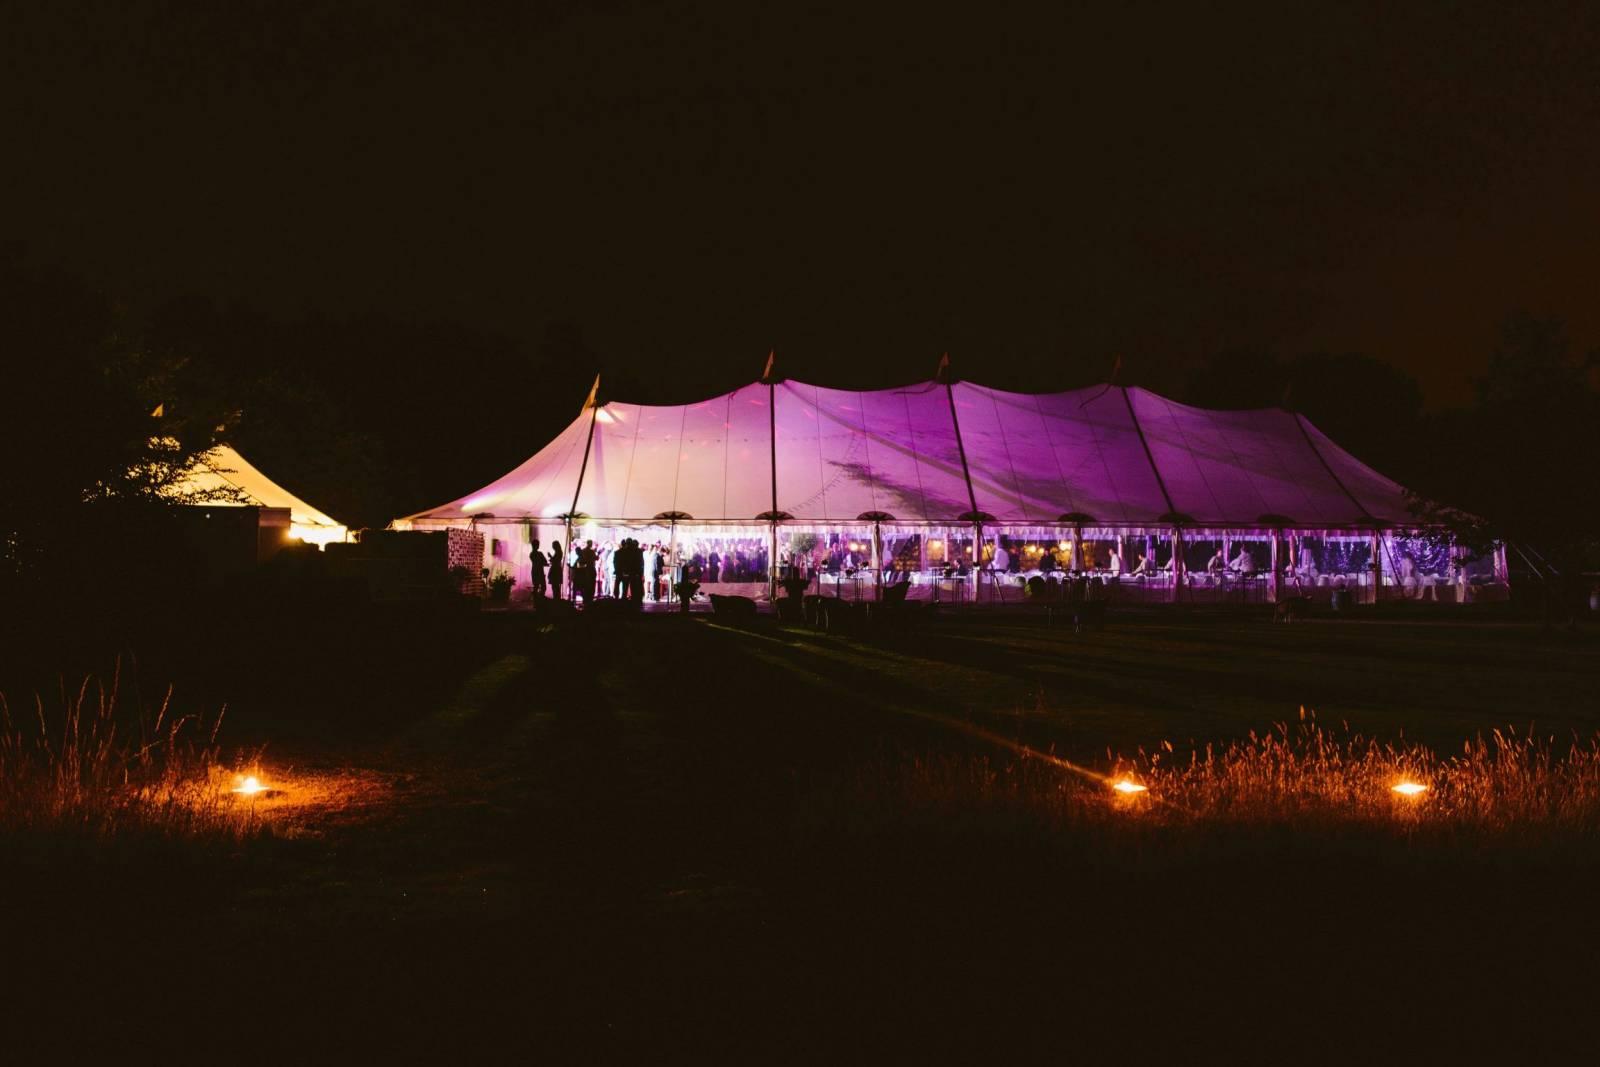 Altiro Tenten - Wedding Tent - Feesttent - Huwelijk trouw bruiloft - House of Weddings - 14